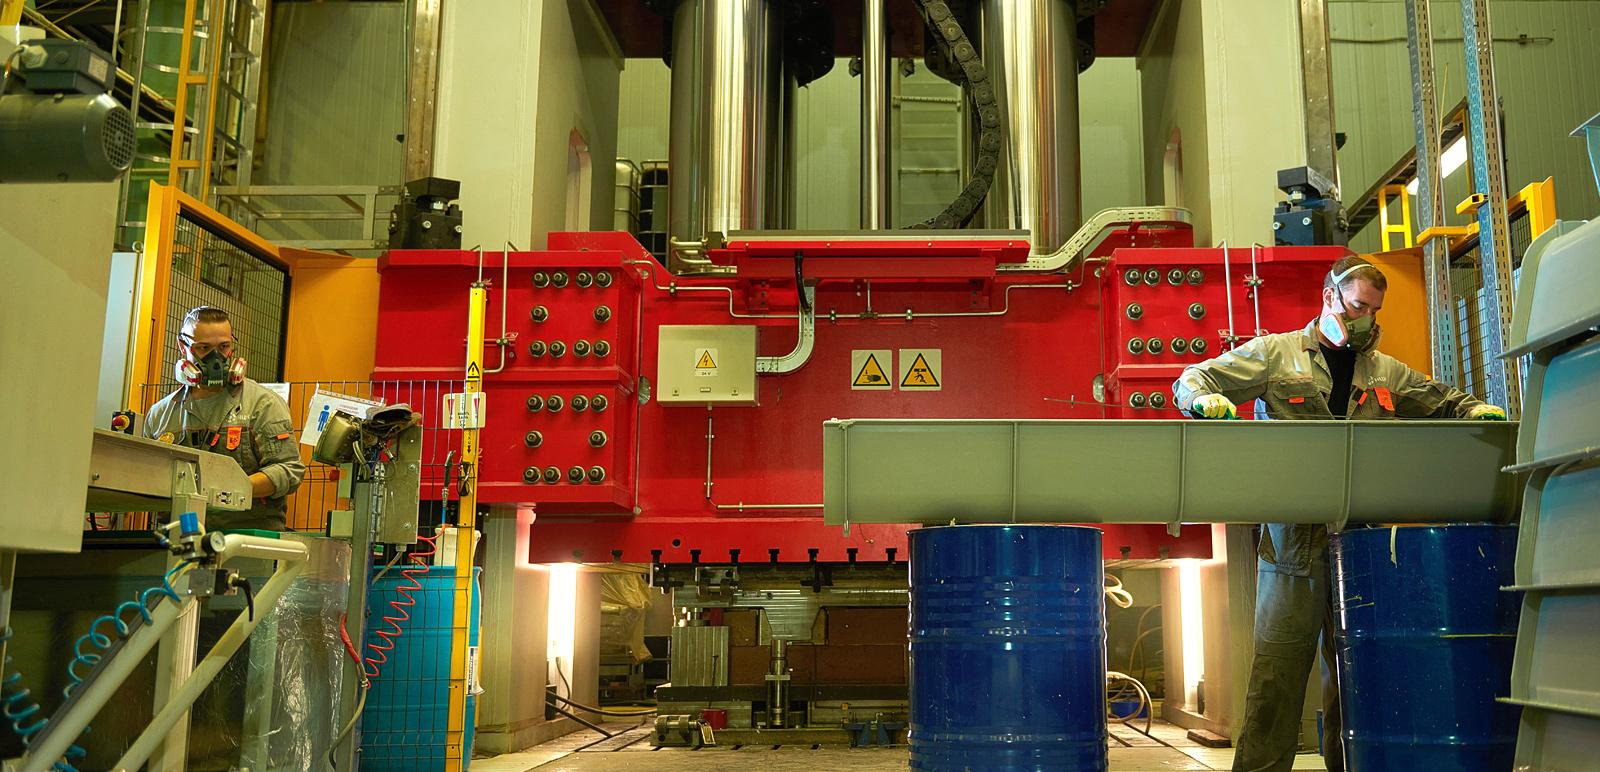 Производство «Нанотехнологического центра композитов» (НЦК)